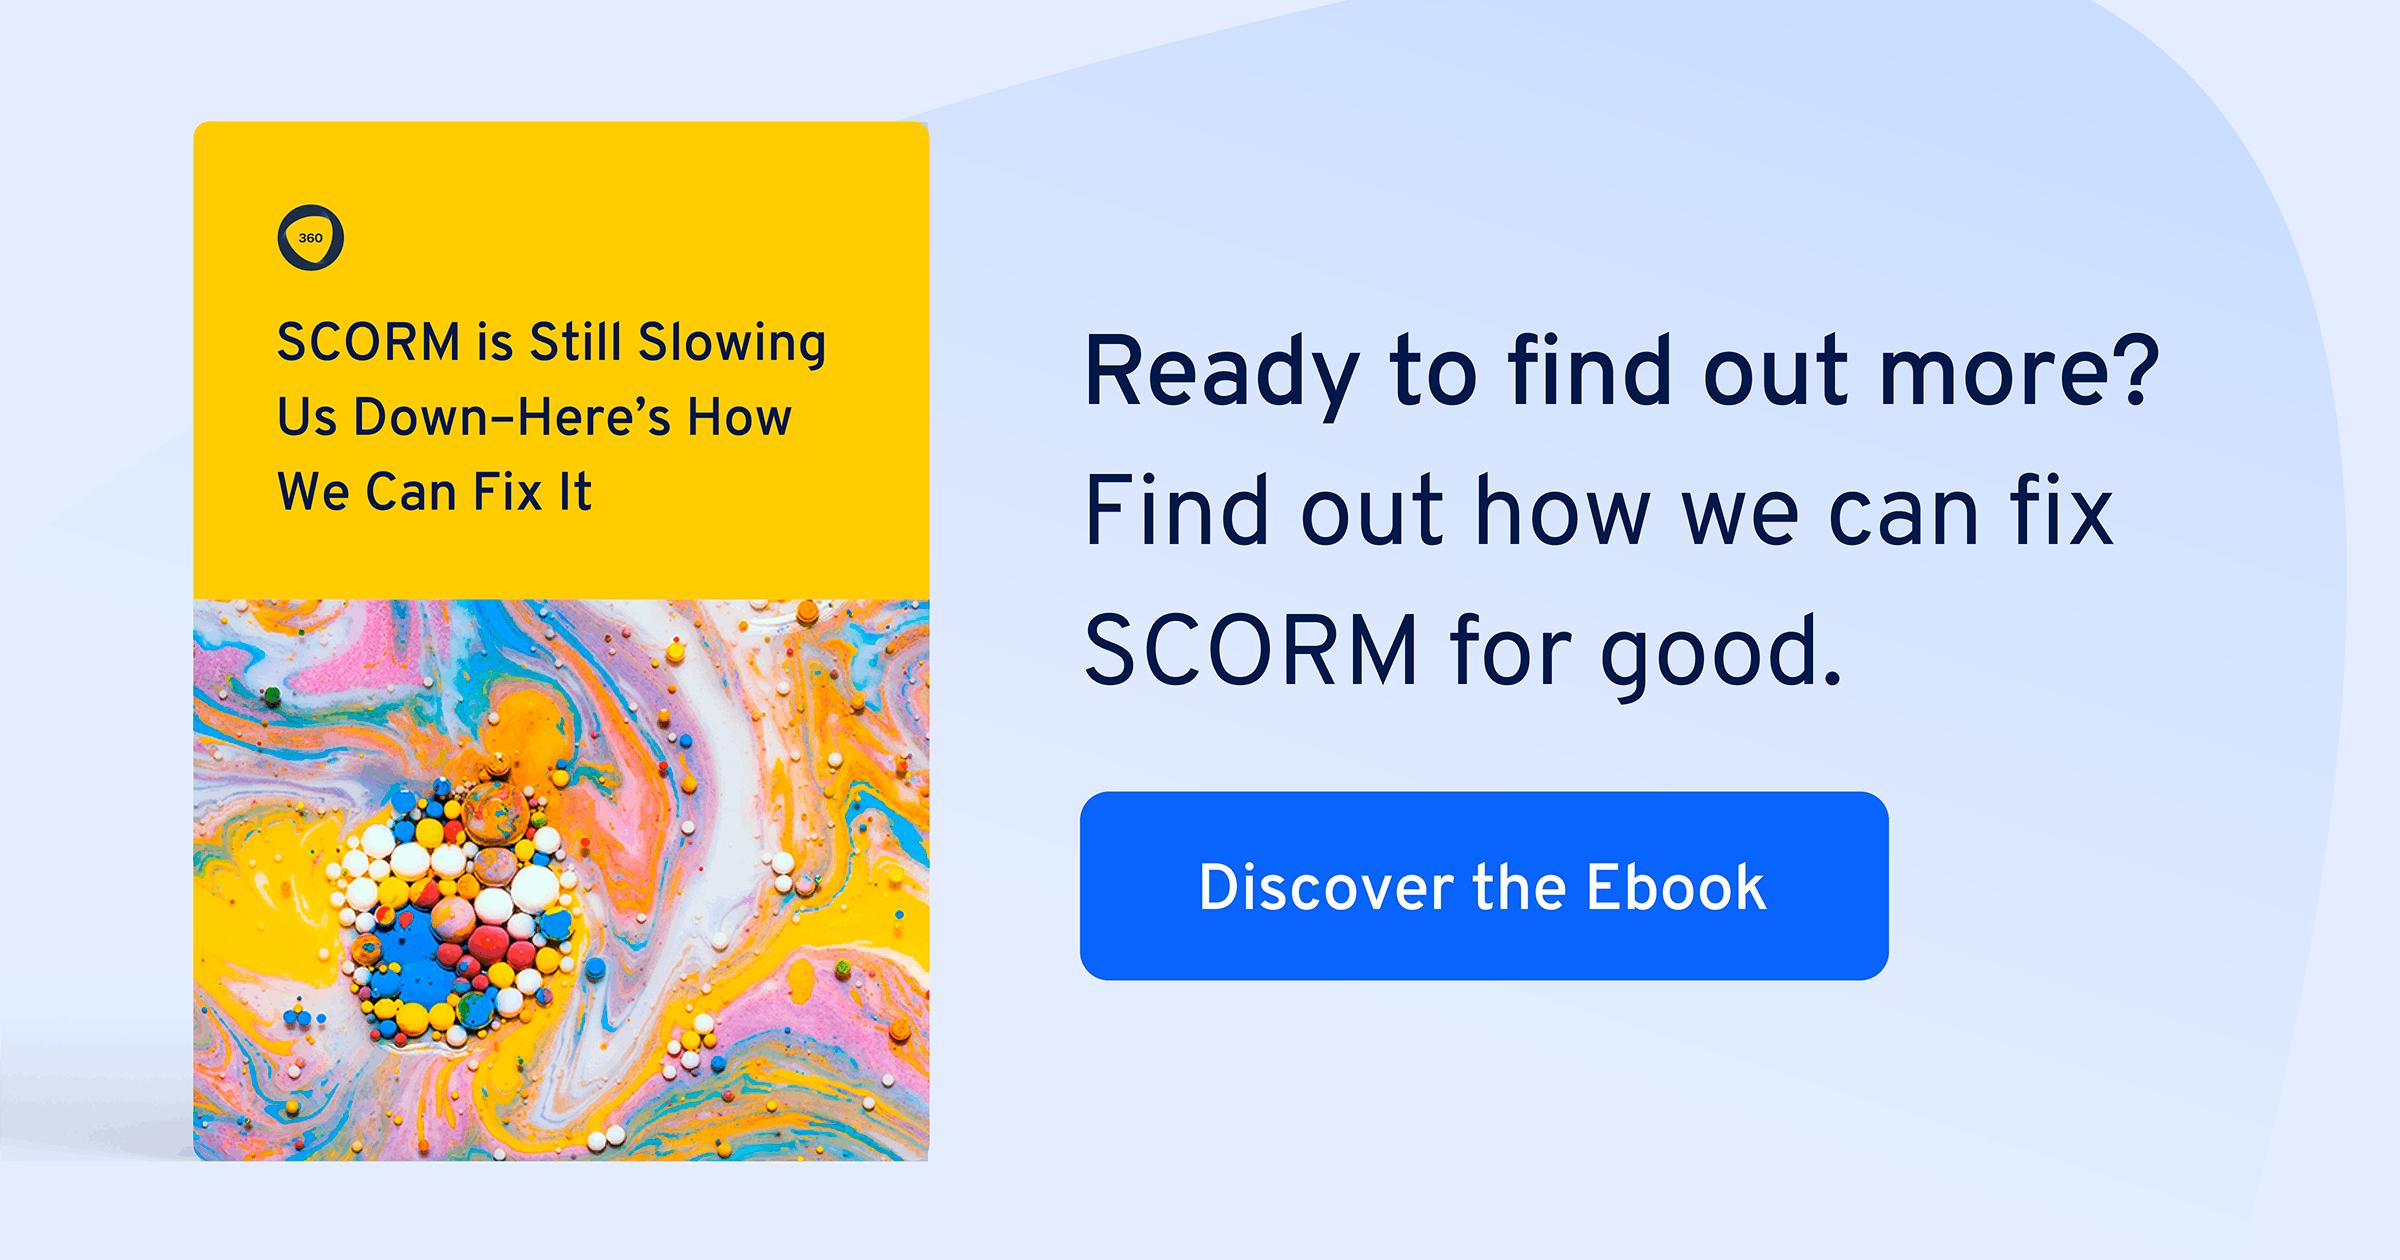 SCORM is Still Slowing Us Down